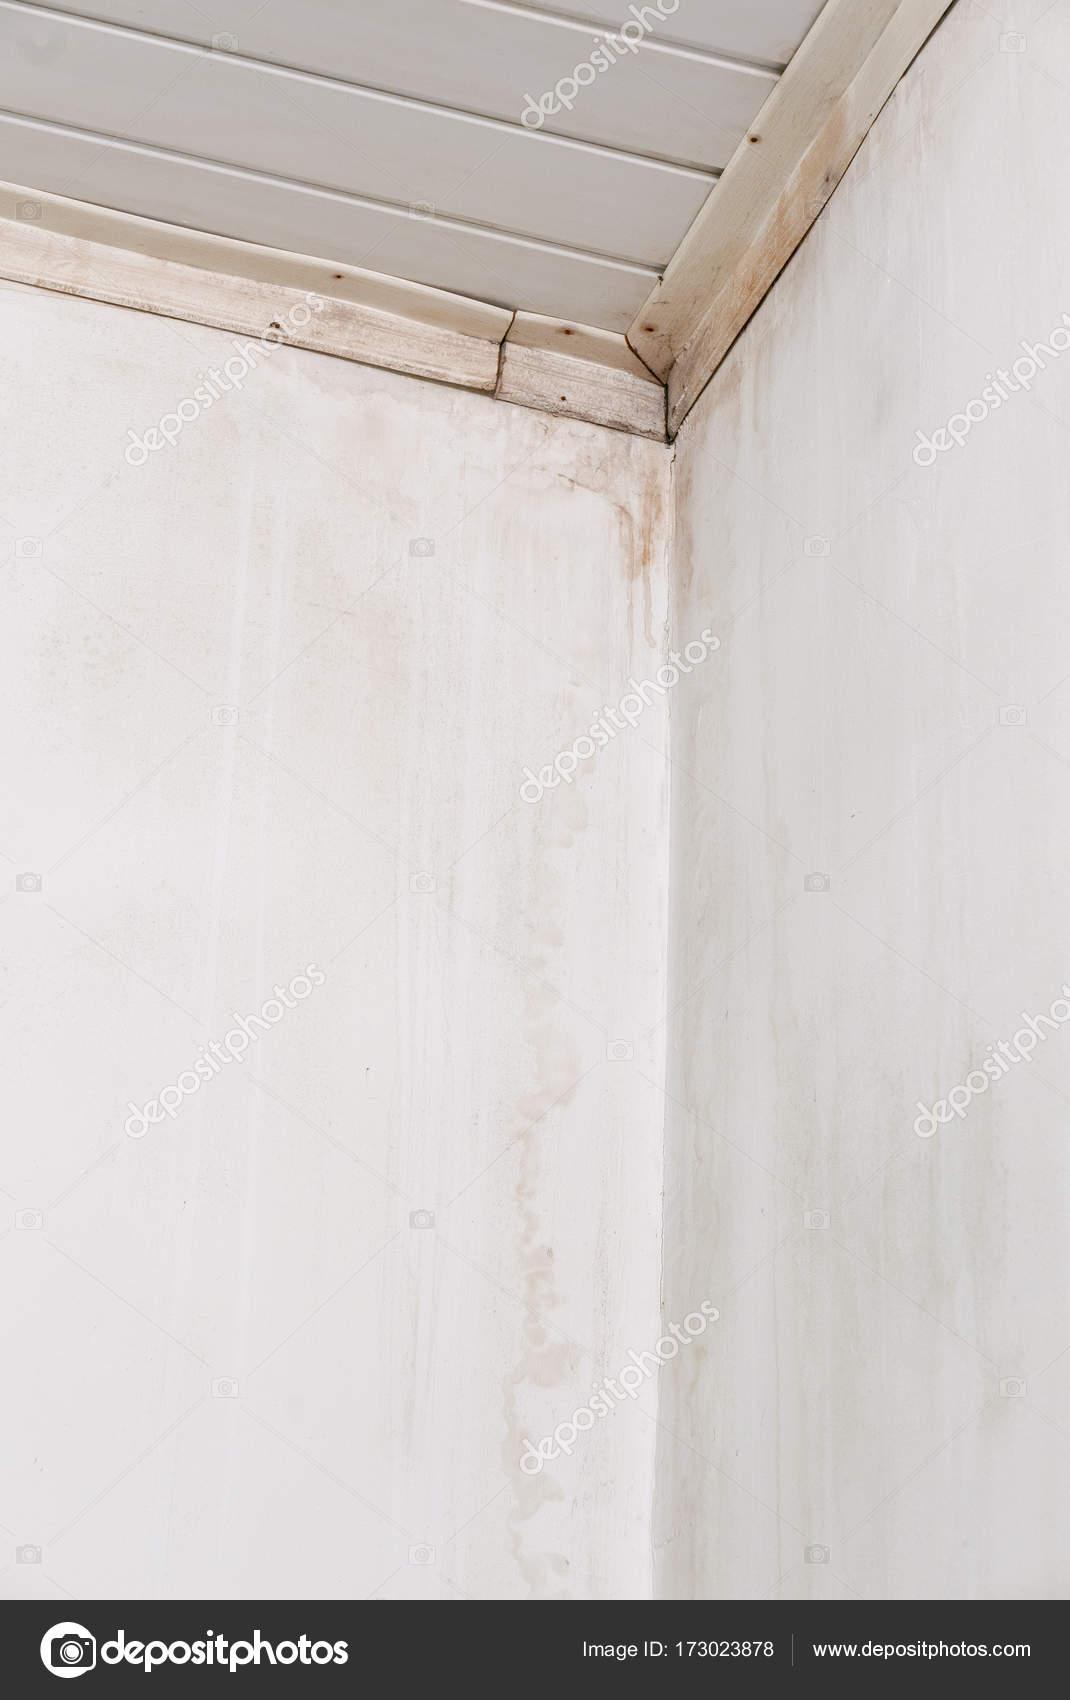 Problem Mit Schimmel Und Feuchte Flecken Zu Hause Stockfoto